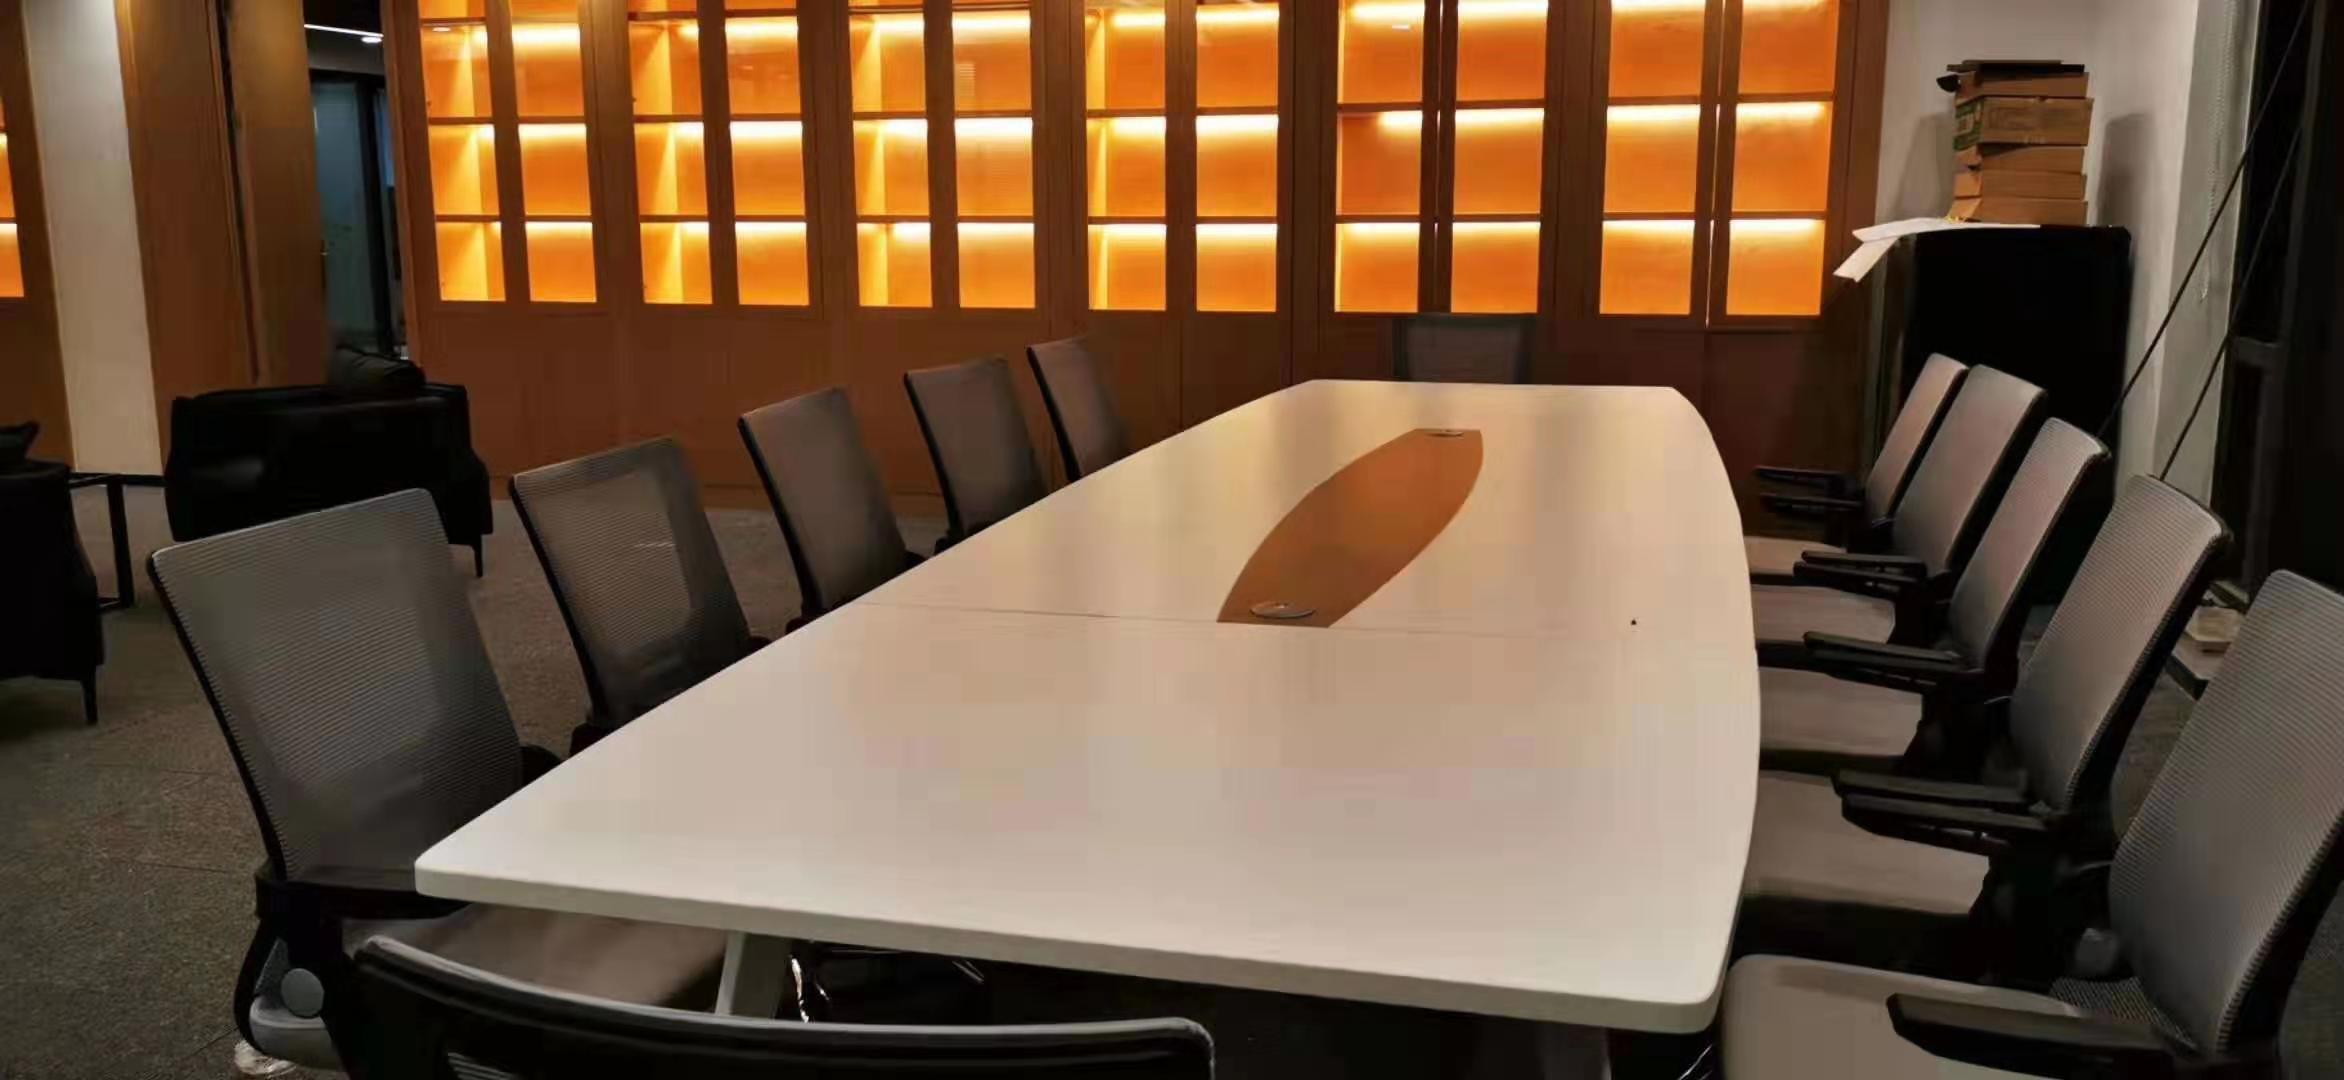 定制会议桌需要注意哪些?